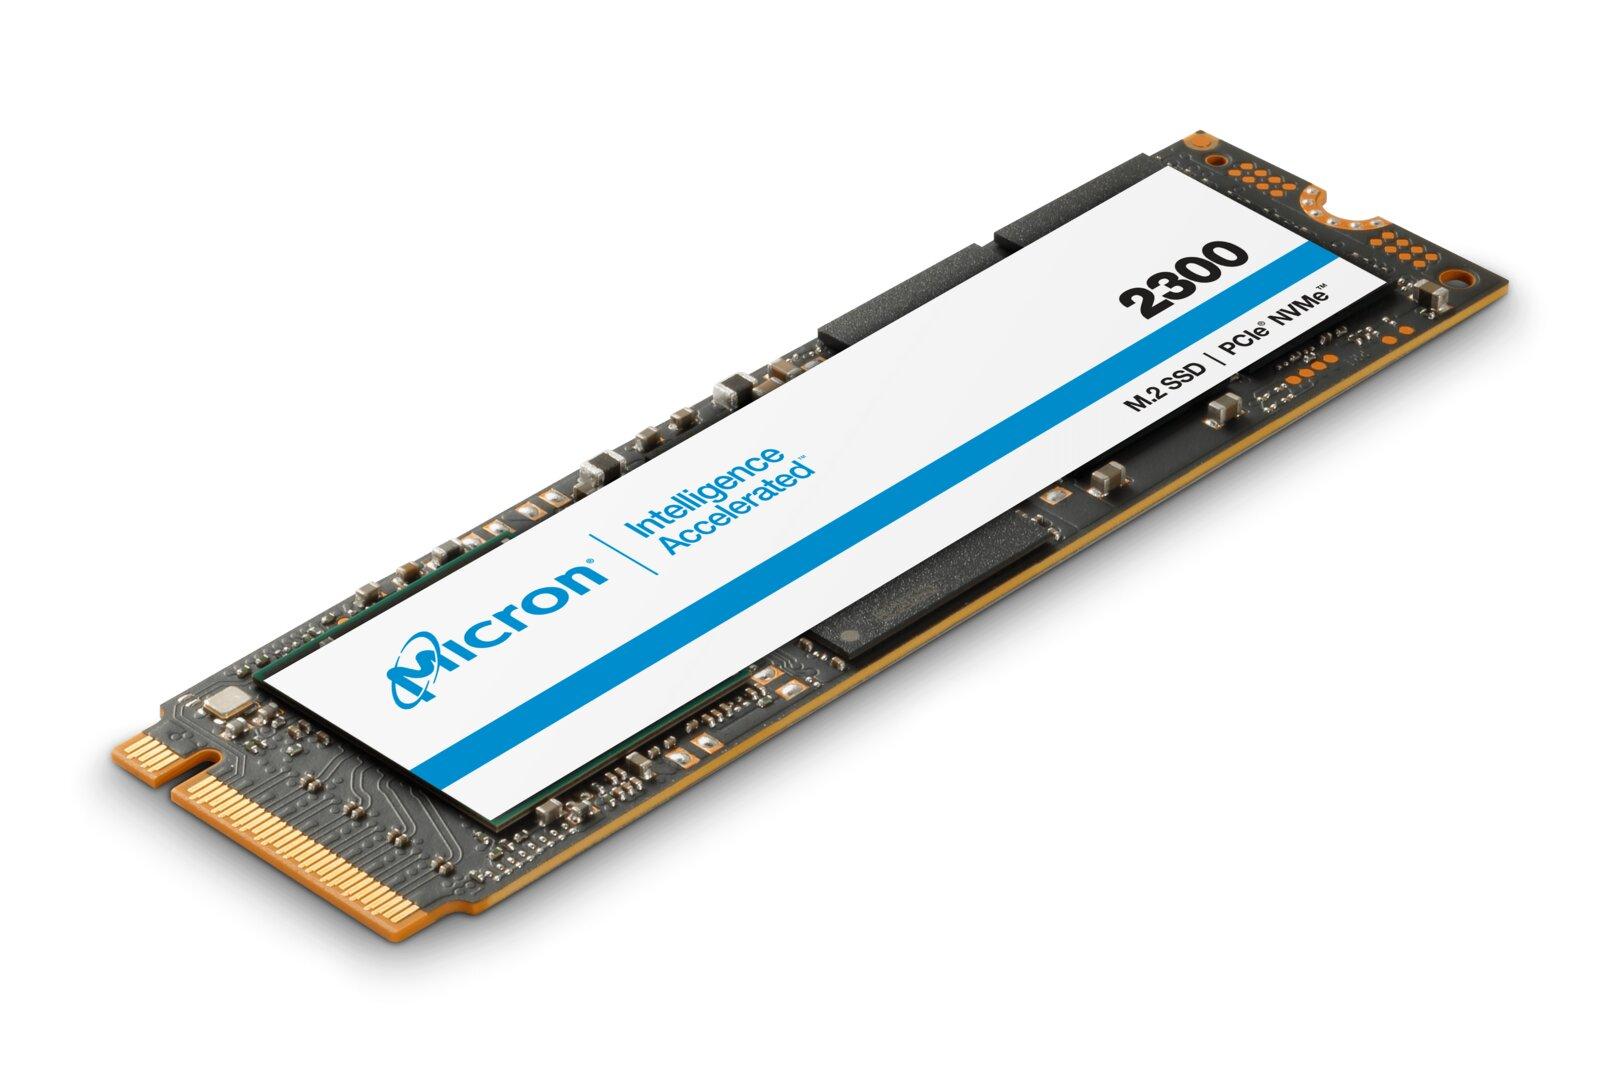 Micron 2300 SSD